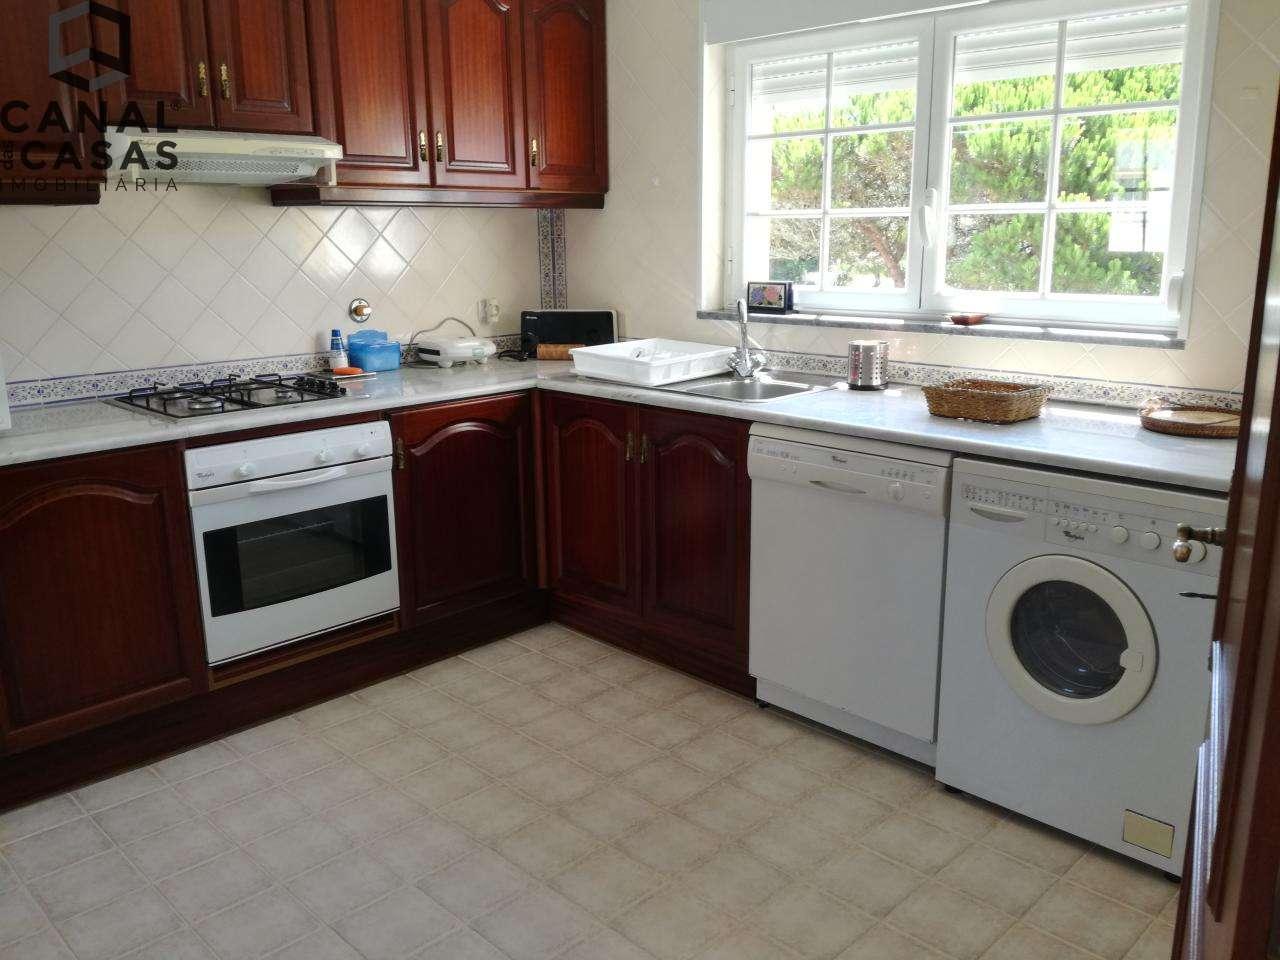 Apartamento para comprar, Amoreira, Leiria - Foto 6